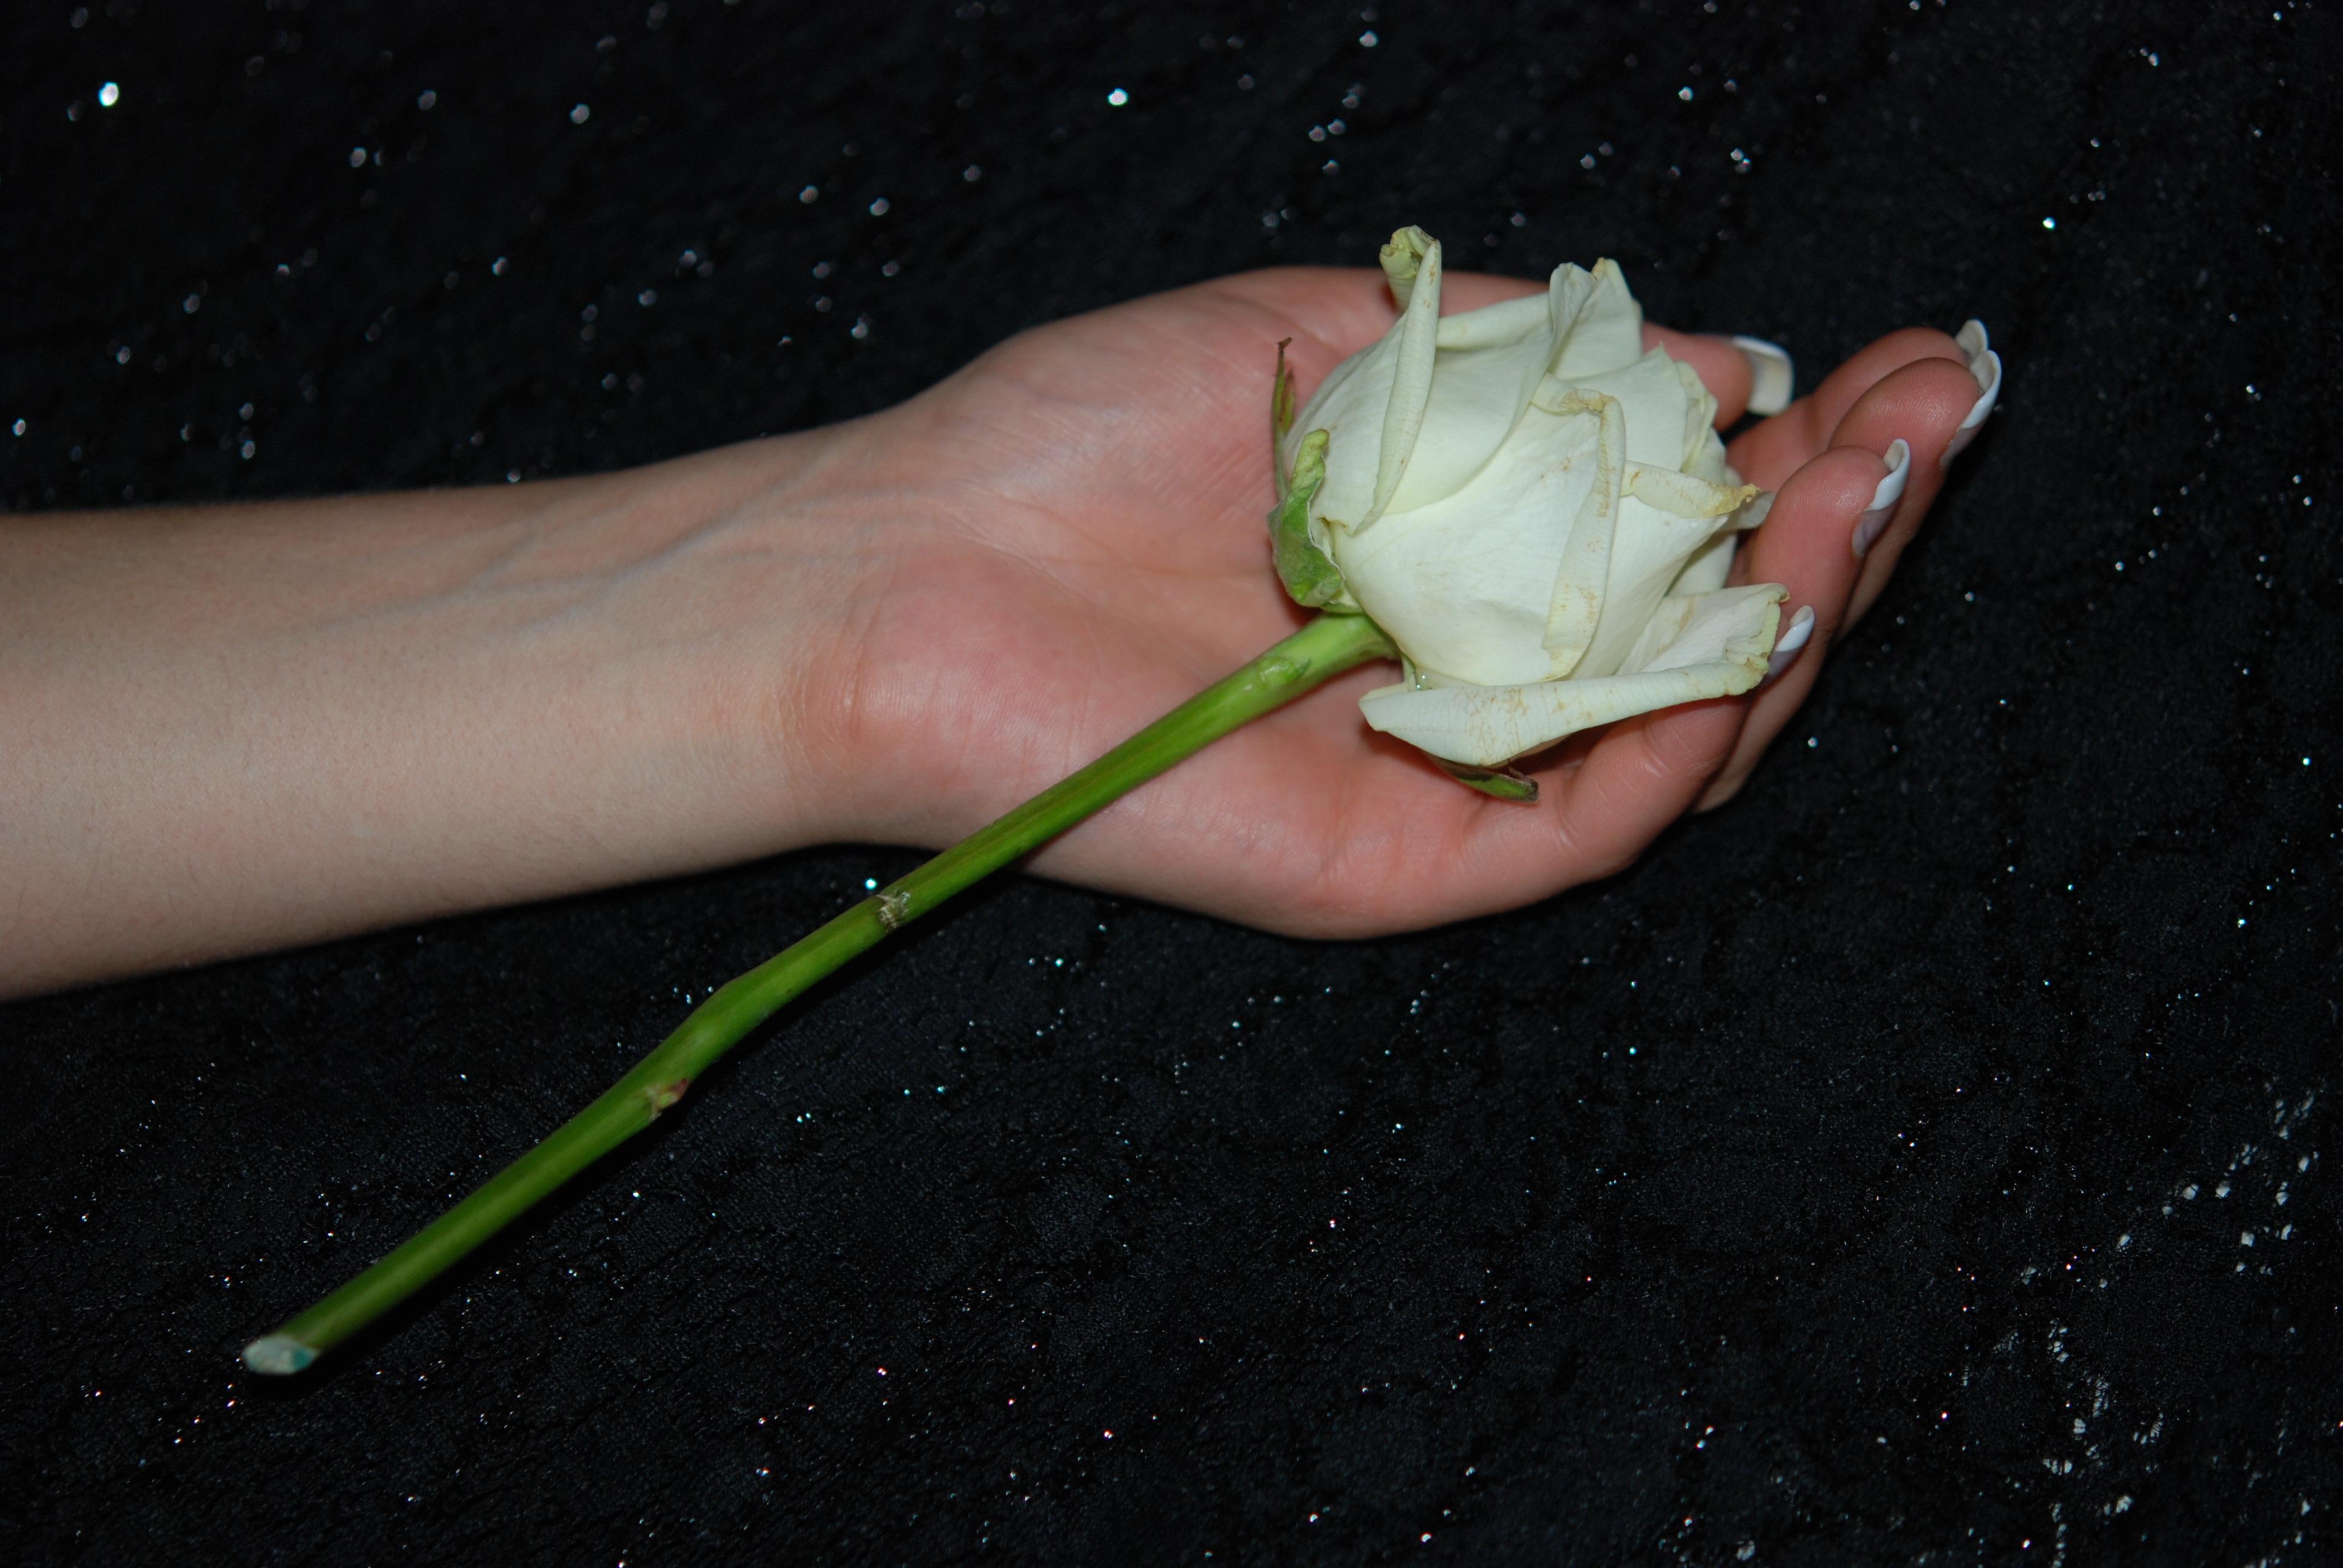 него прекрасная белые розы в ладонях фото континентальный кролик, который